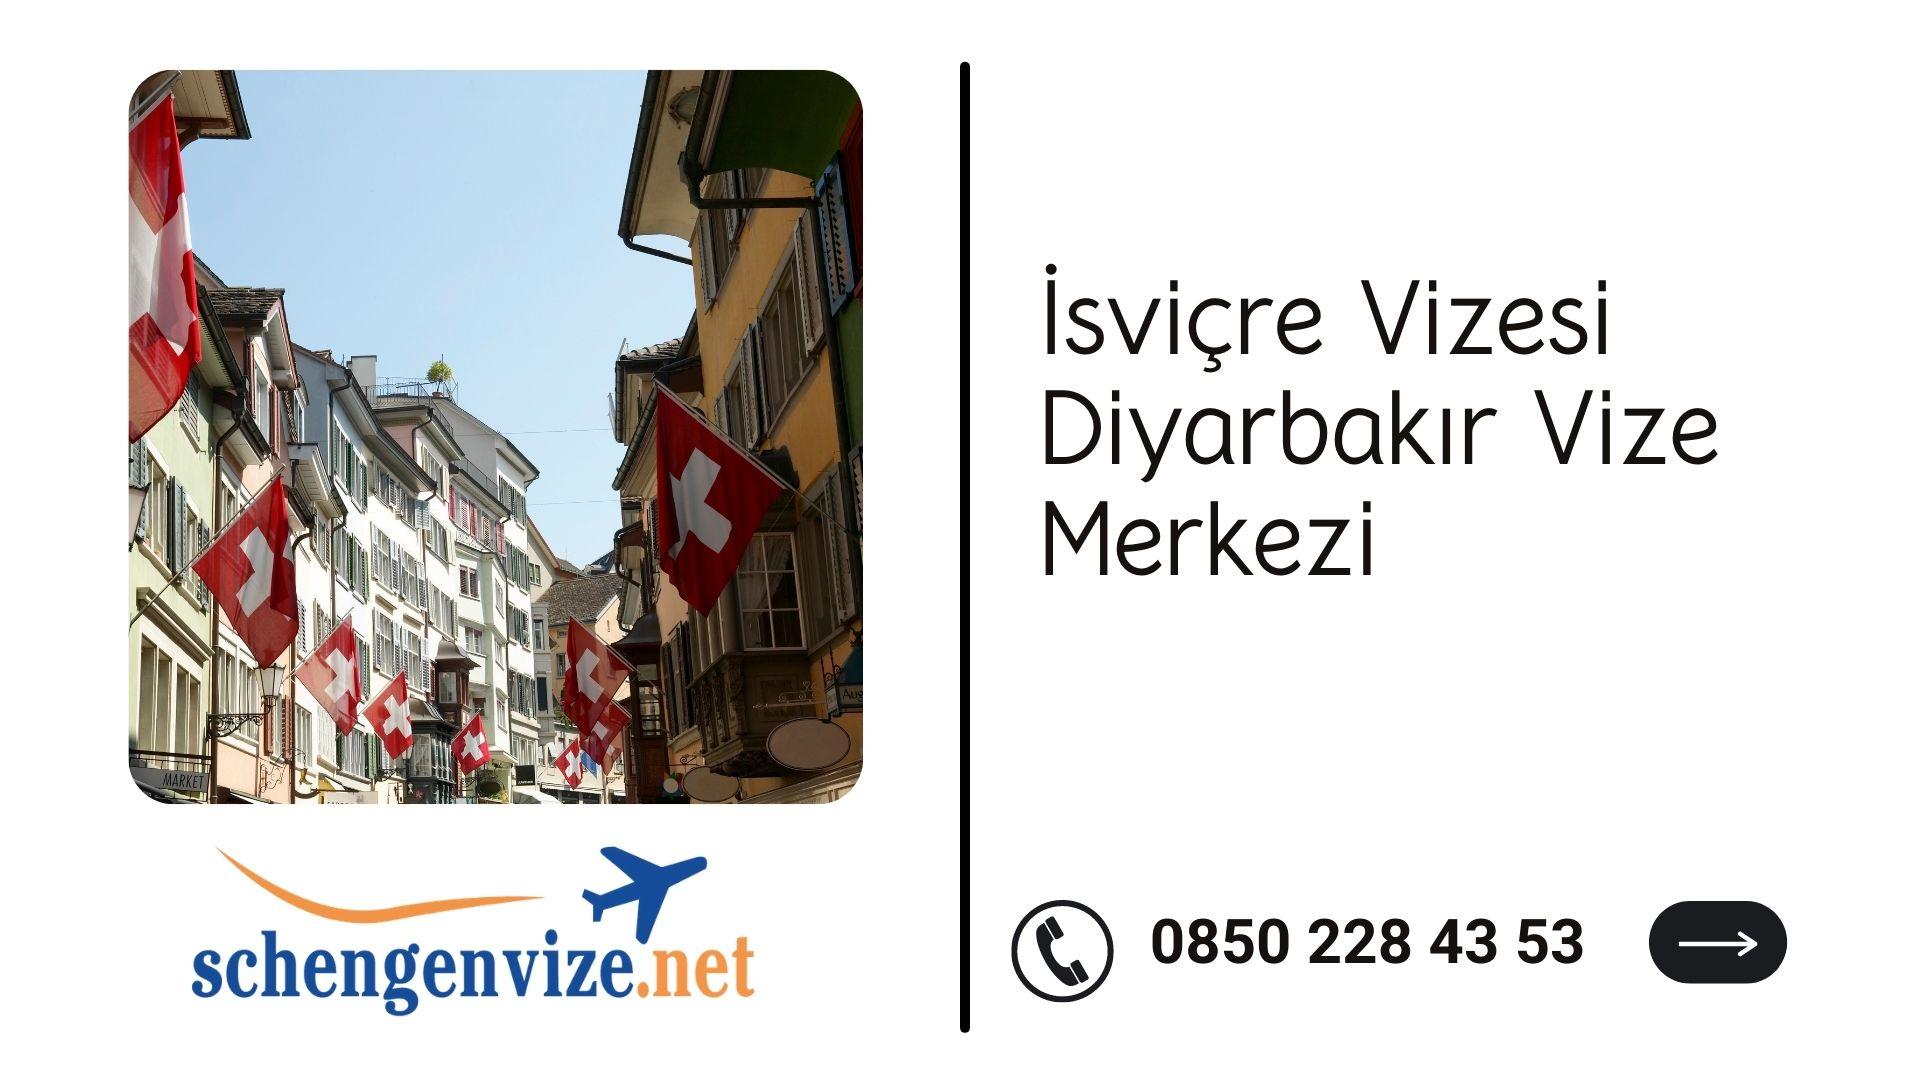 İsviçre Vizesi Diyarbakır Vize Merkezi